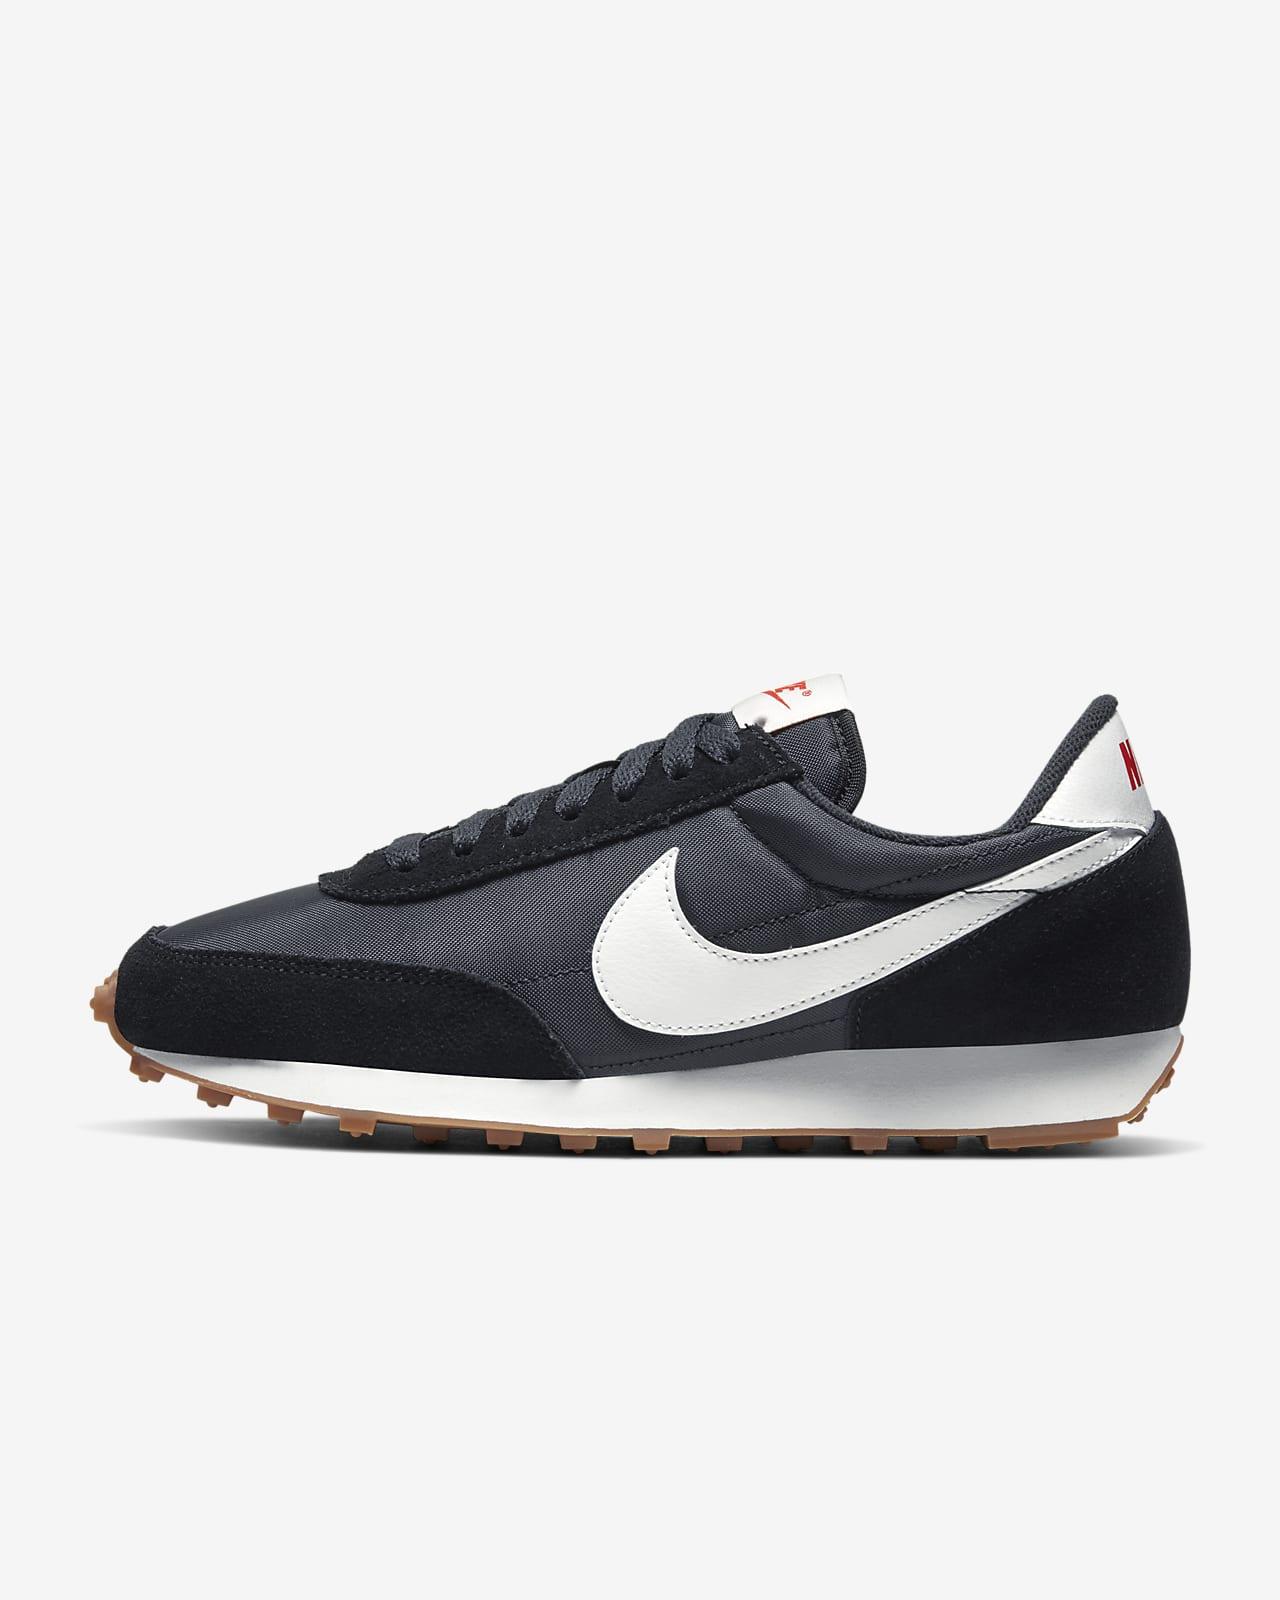 รองเท้าผู้หญิง Nike Daybreak